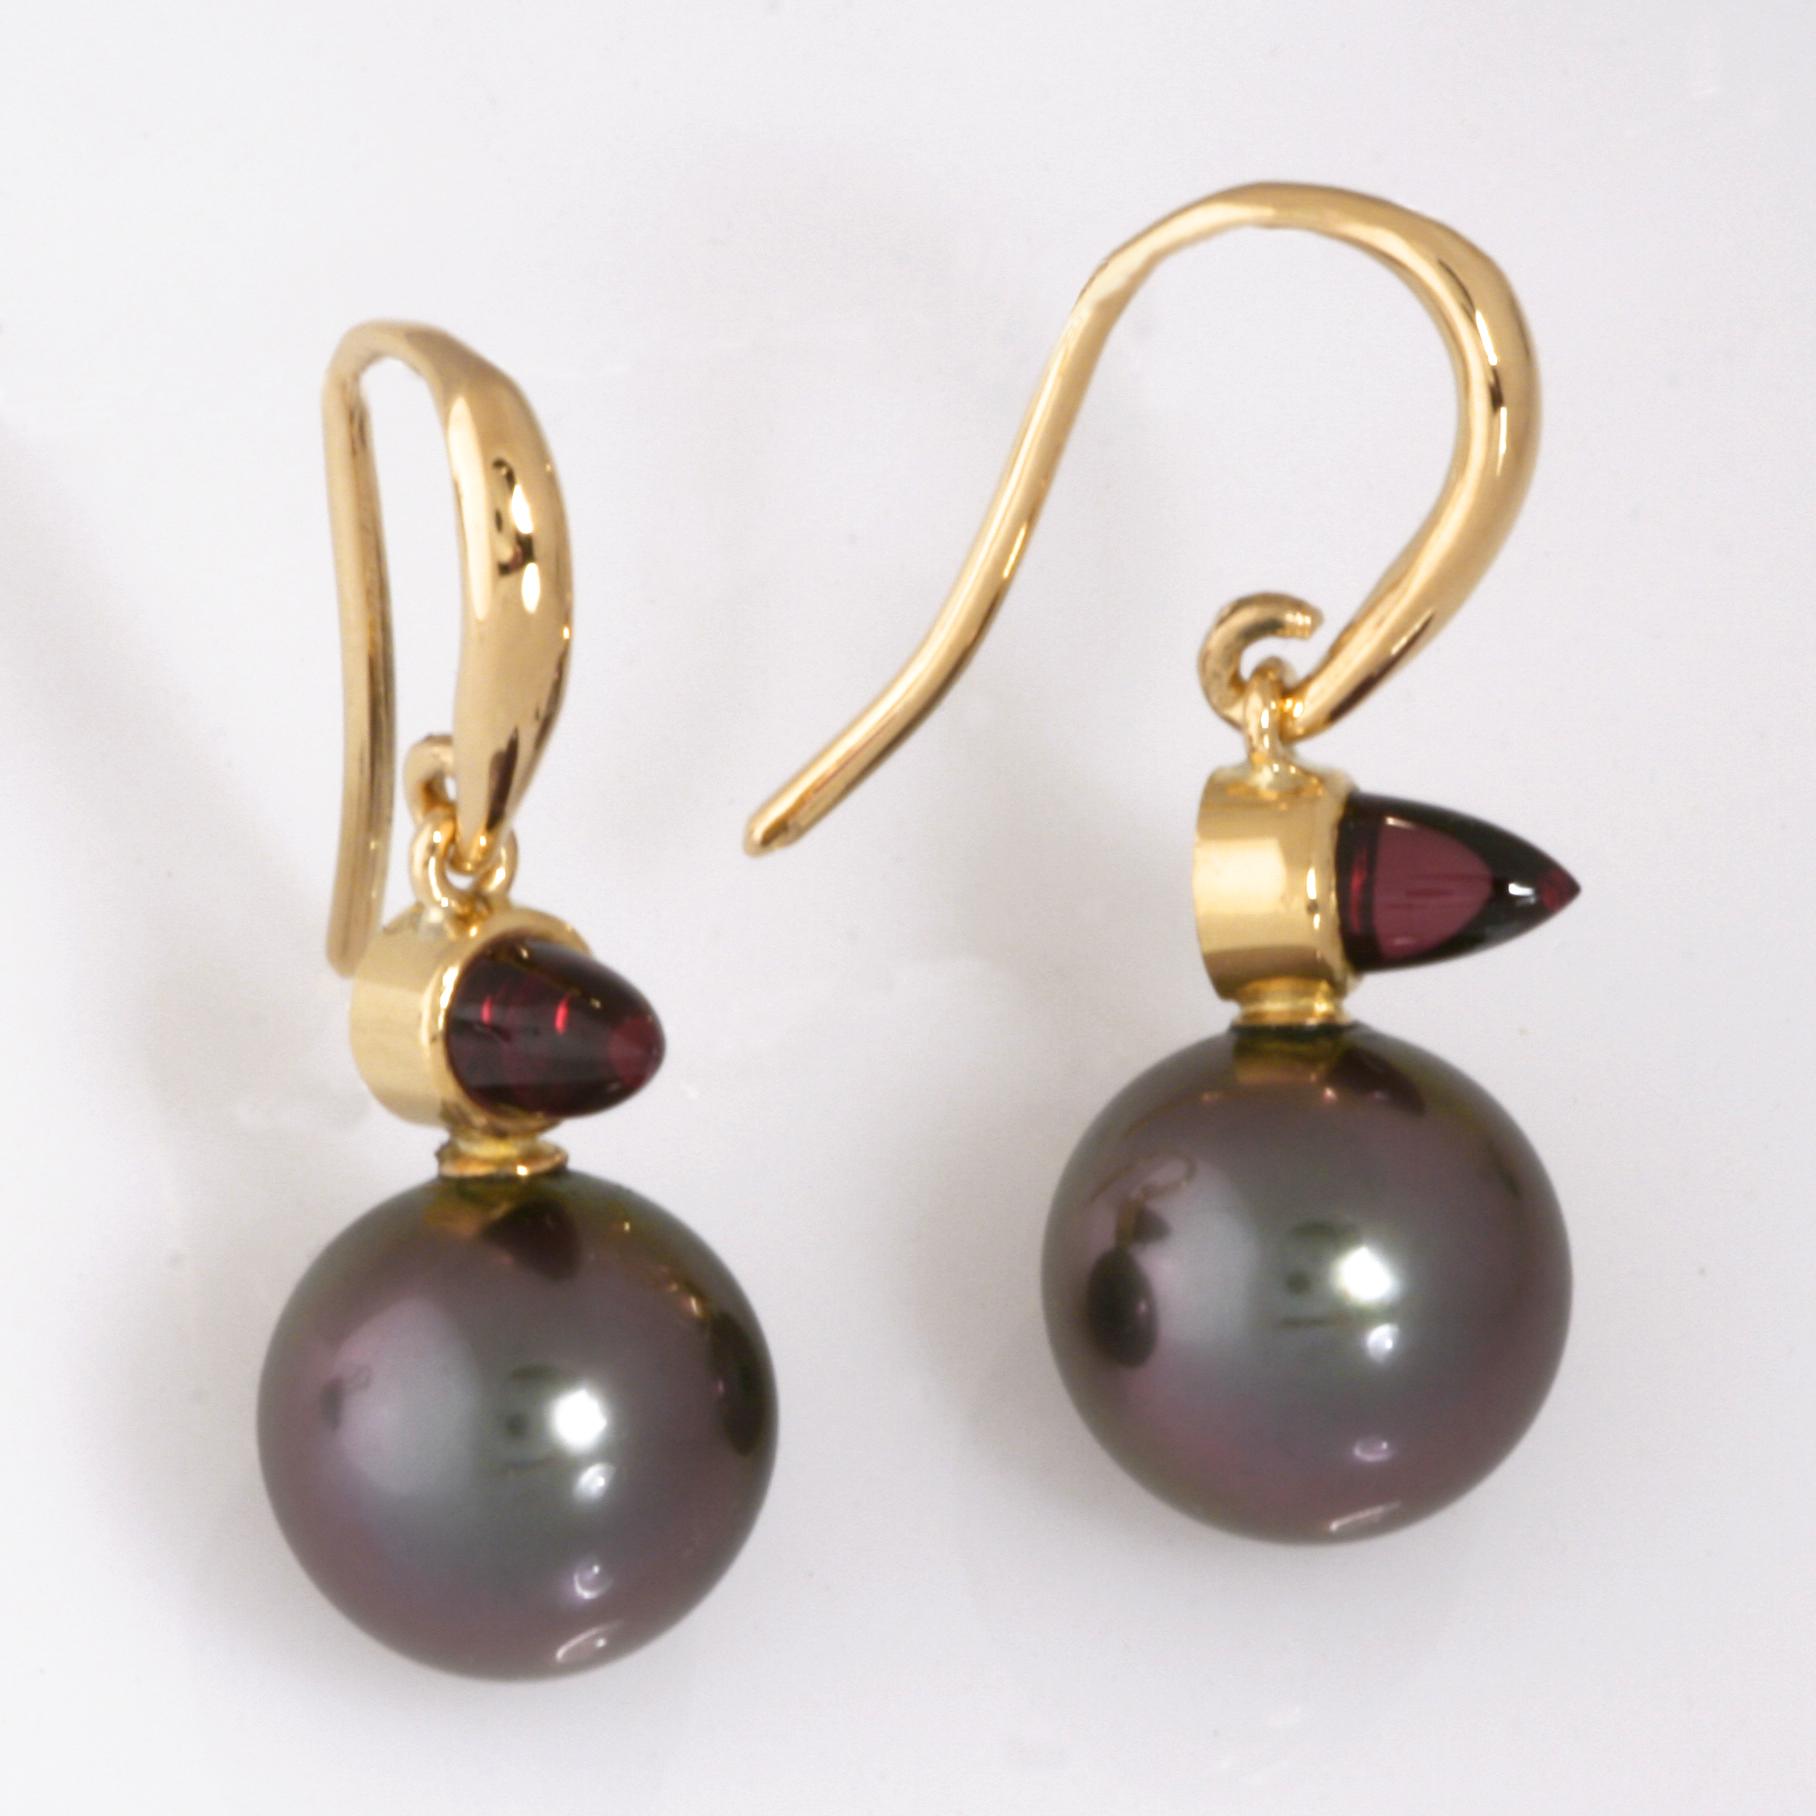 Handmade ladies yellow gold rhodolite garnet and pearl earrings